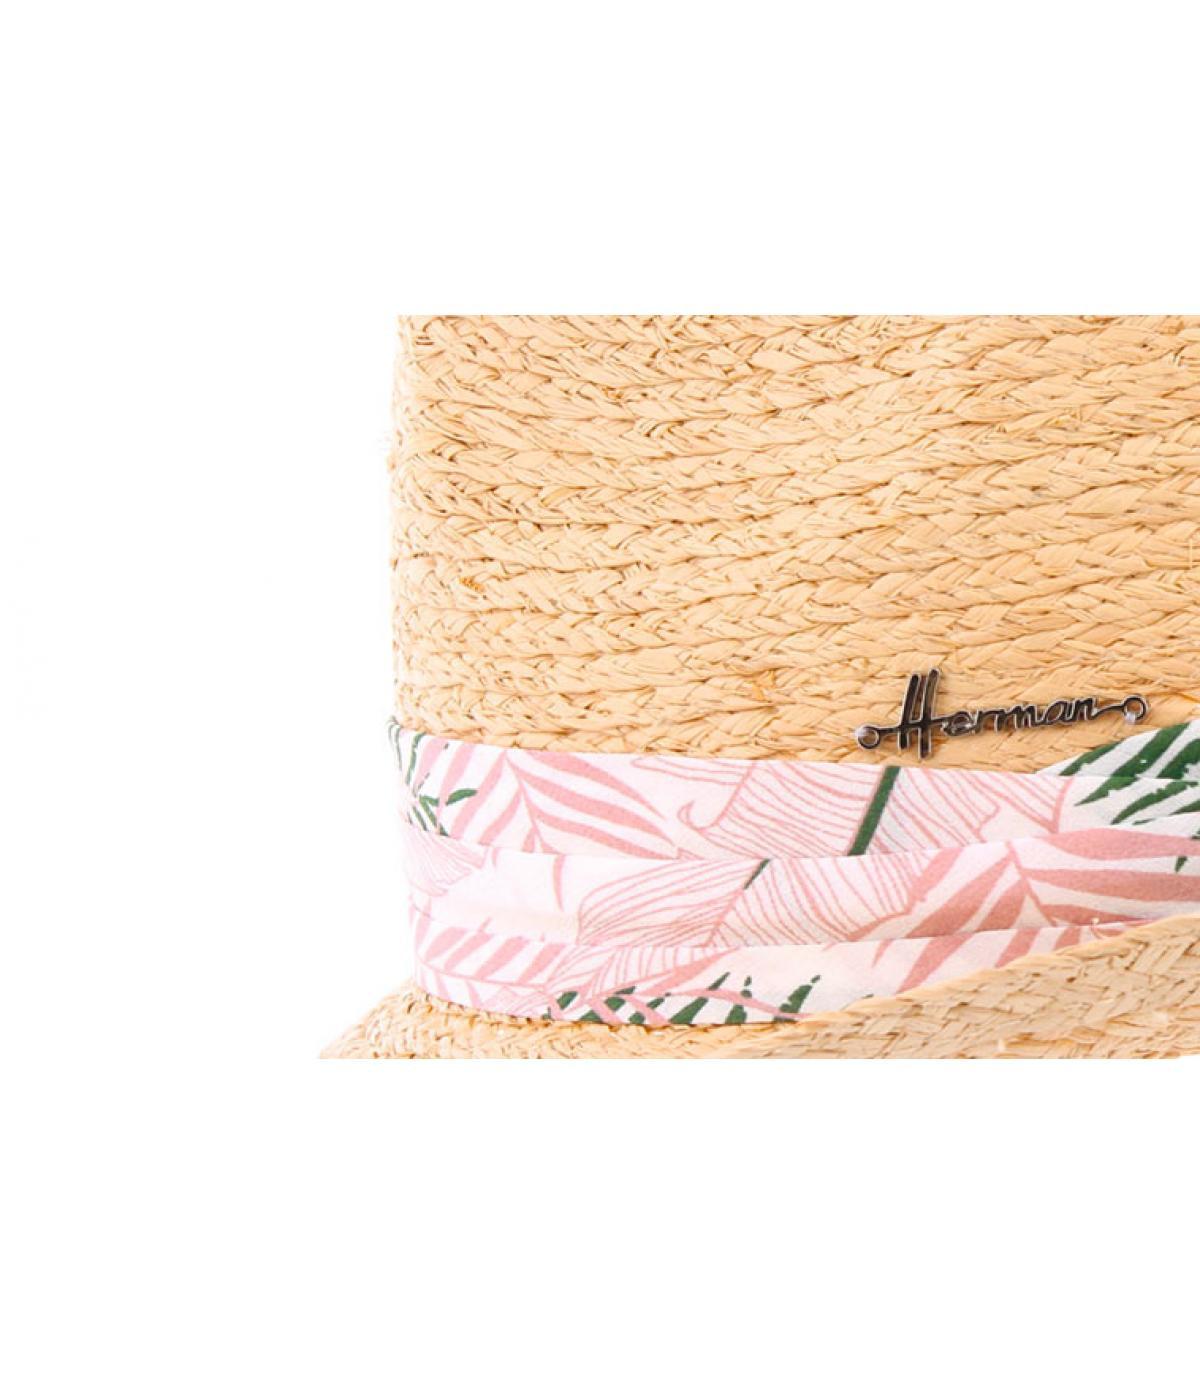 Détails California pink wmn - image 3